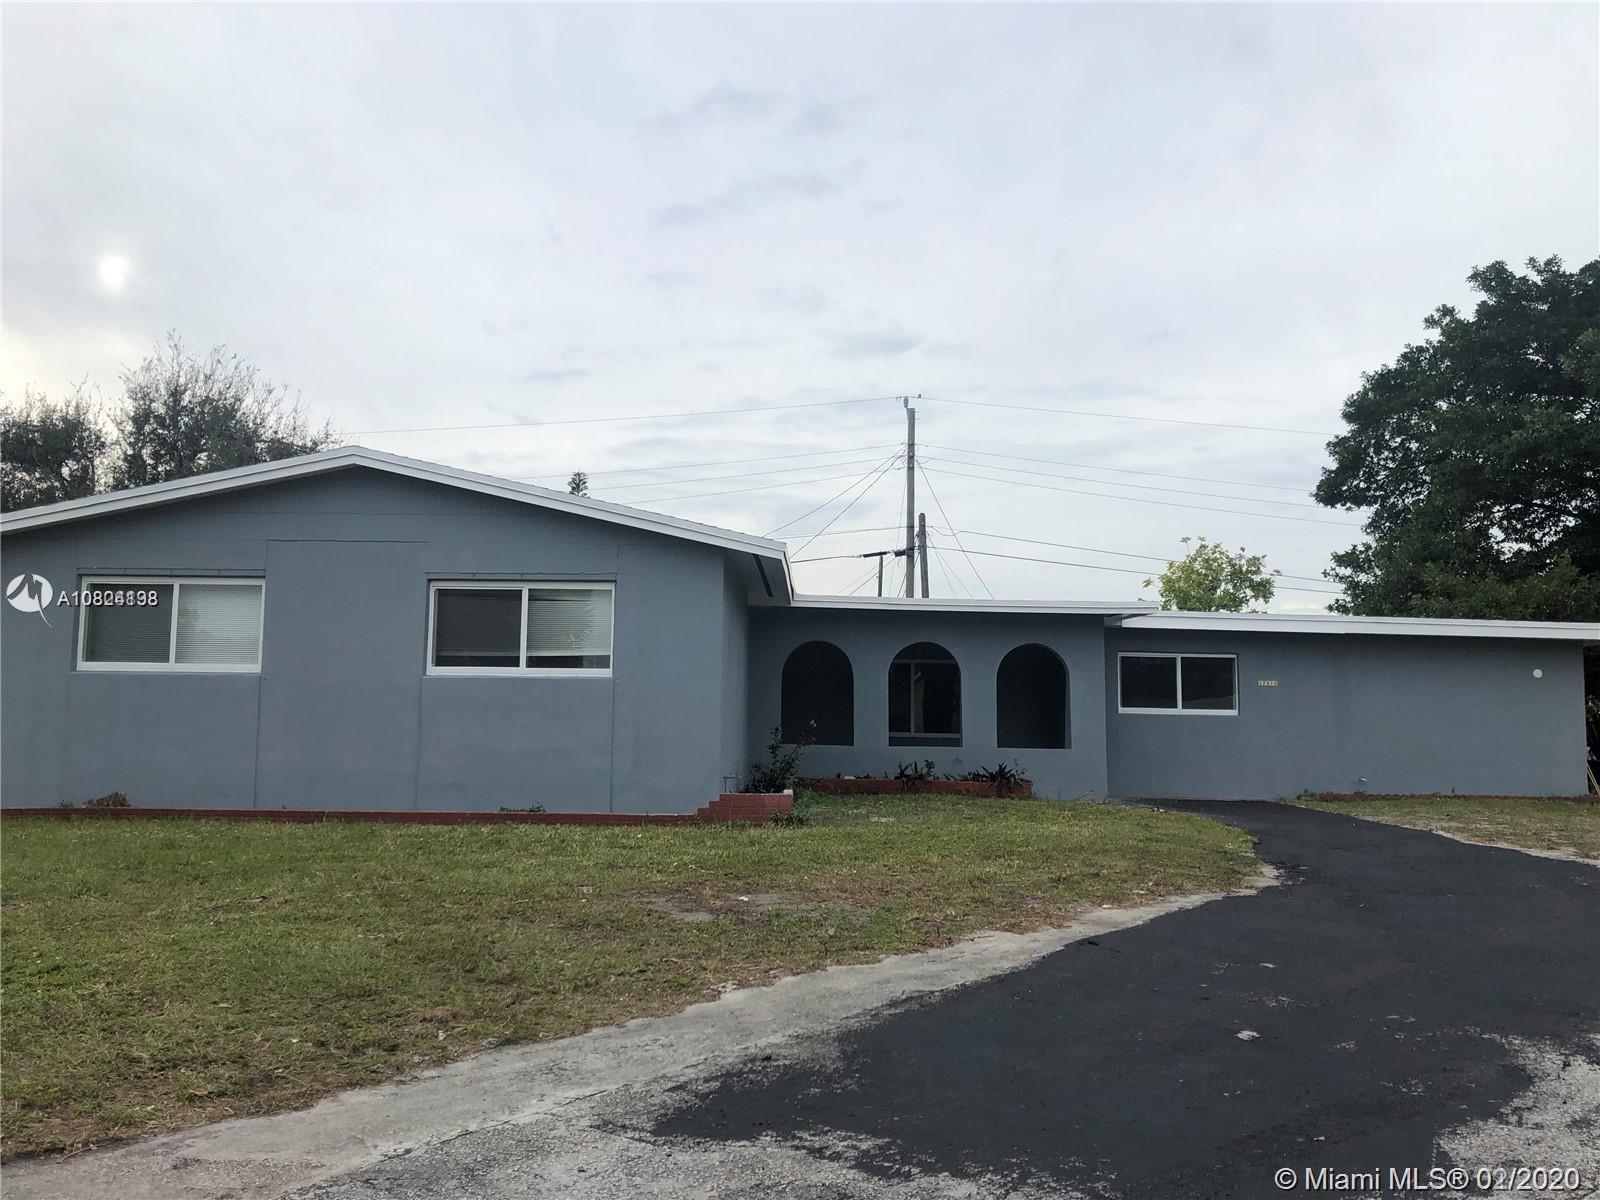 17810 NW 11th Ave, Miami Gardens, FL 33169